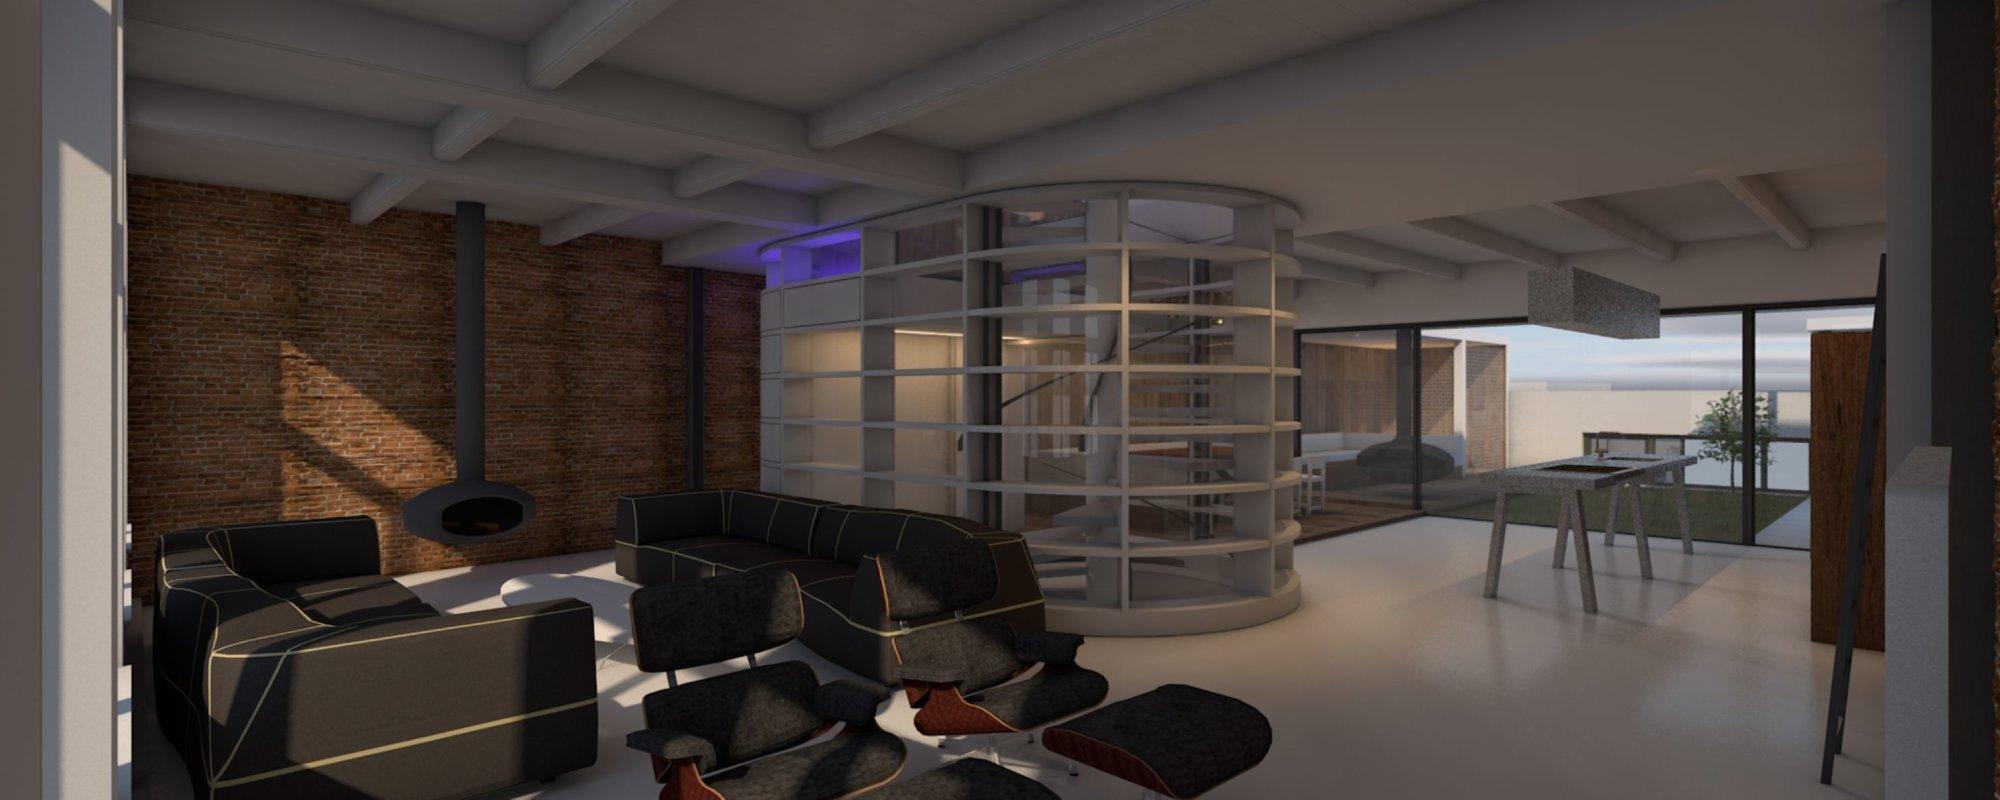 Zicht op het centrale deel met trap, toilet en boekenkast